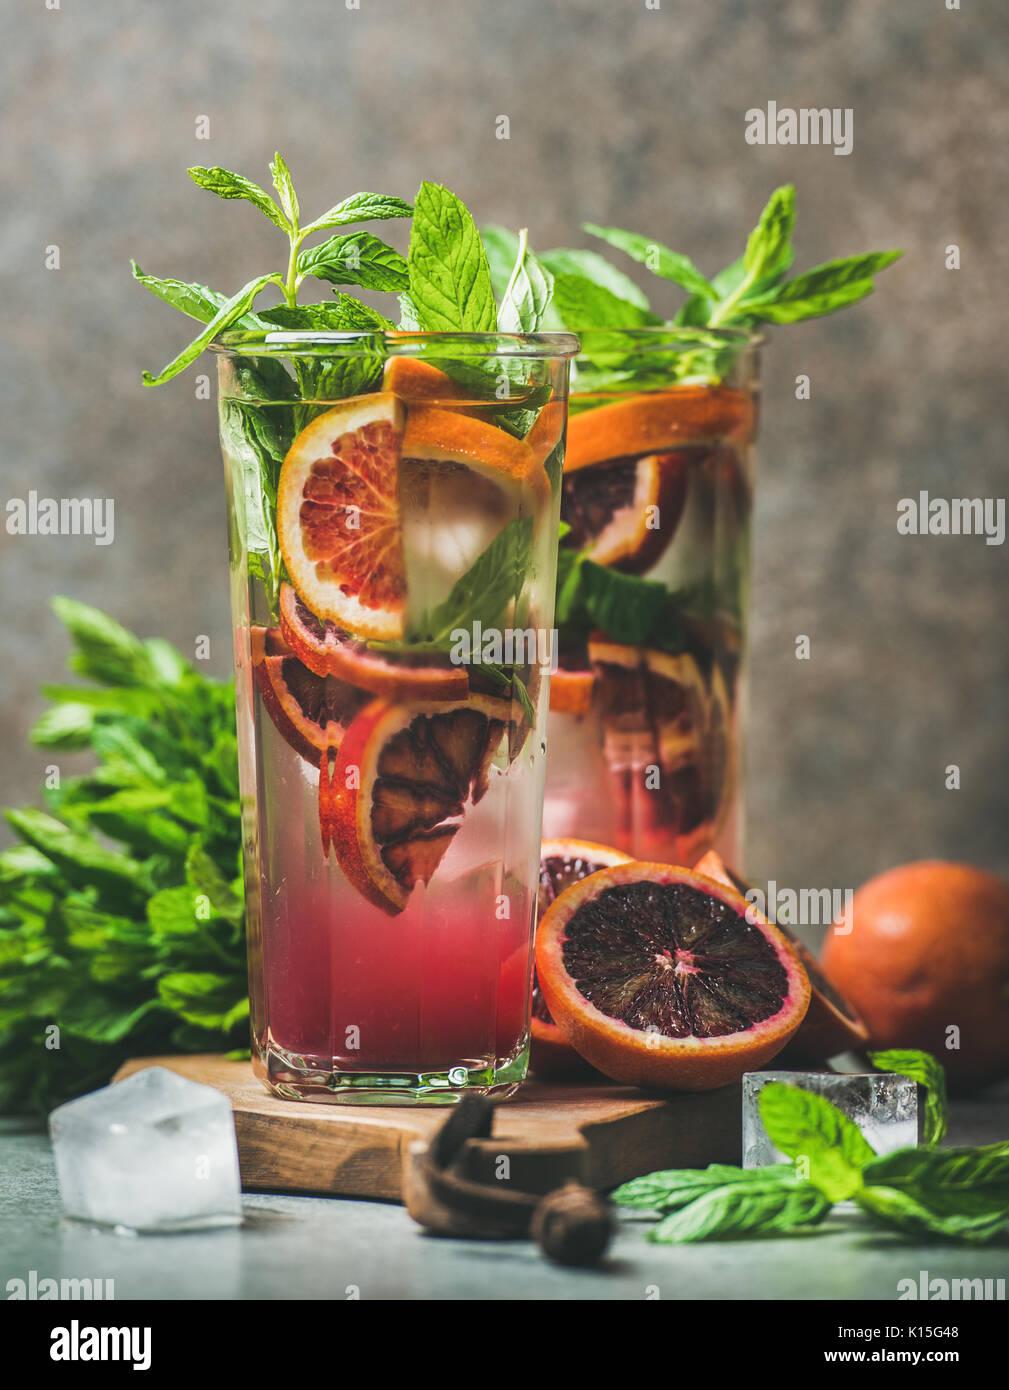 Blutorange citrus Limonade mit Minze und Eis Stockbild